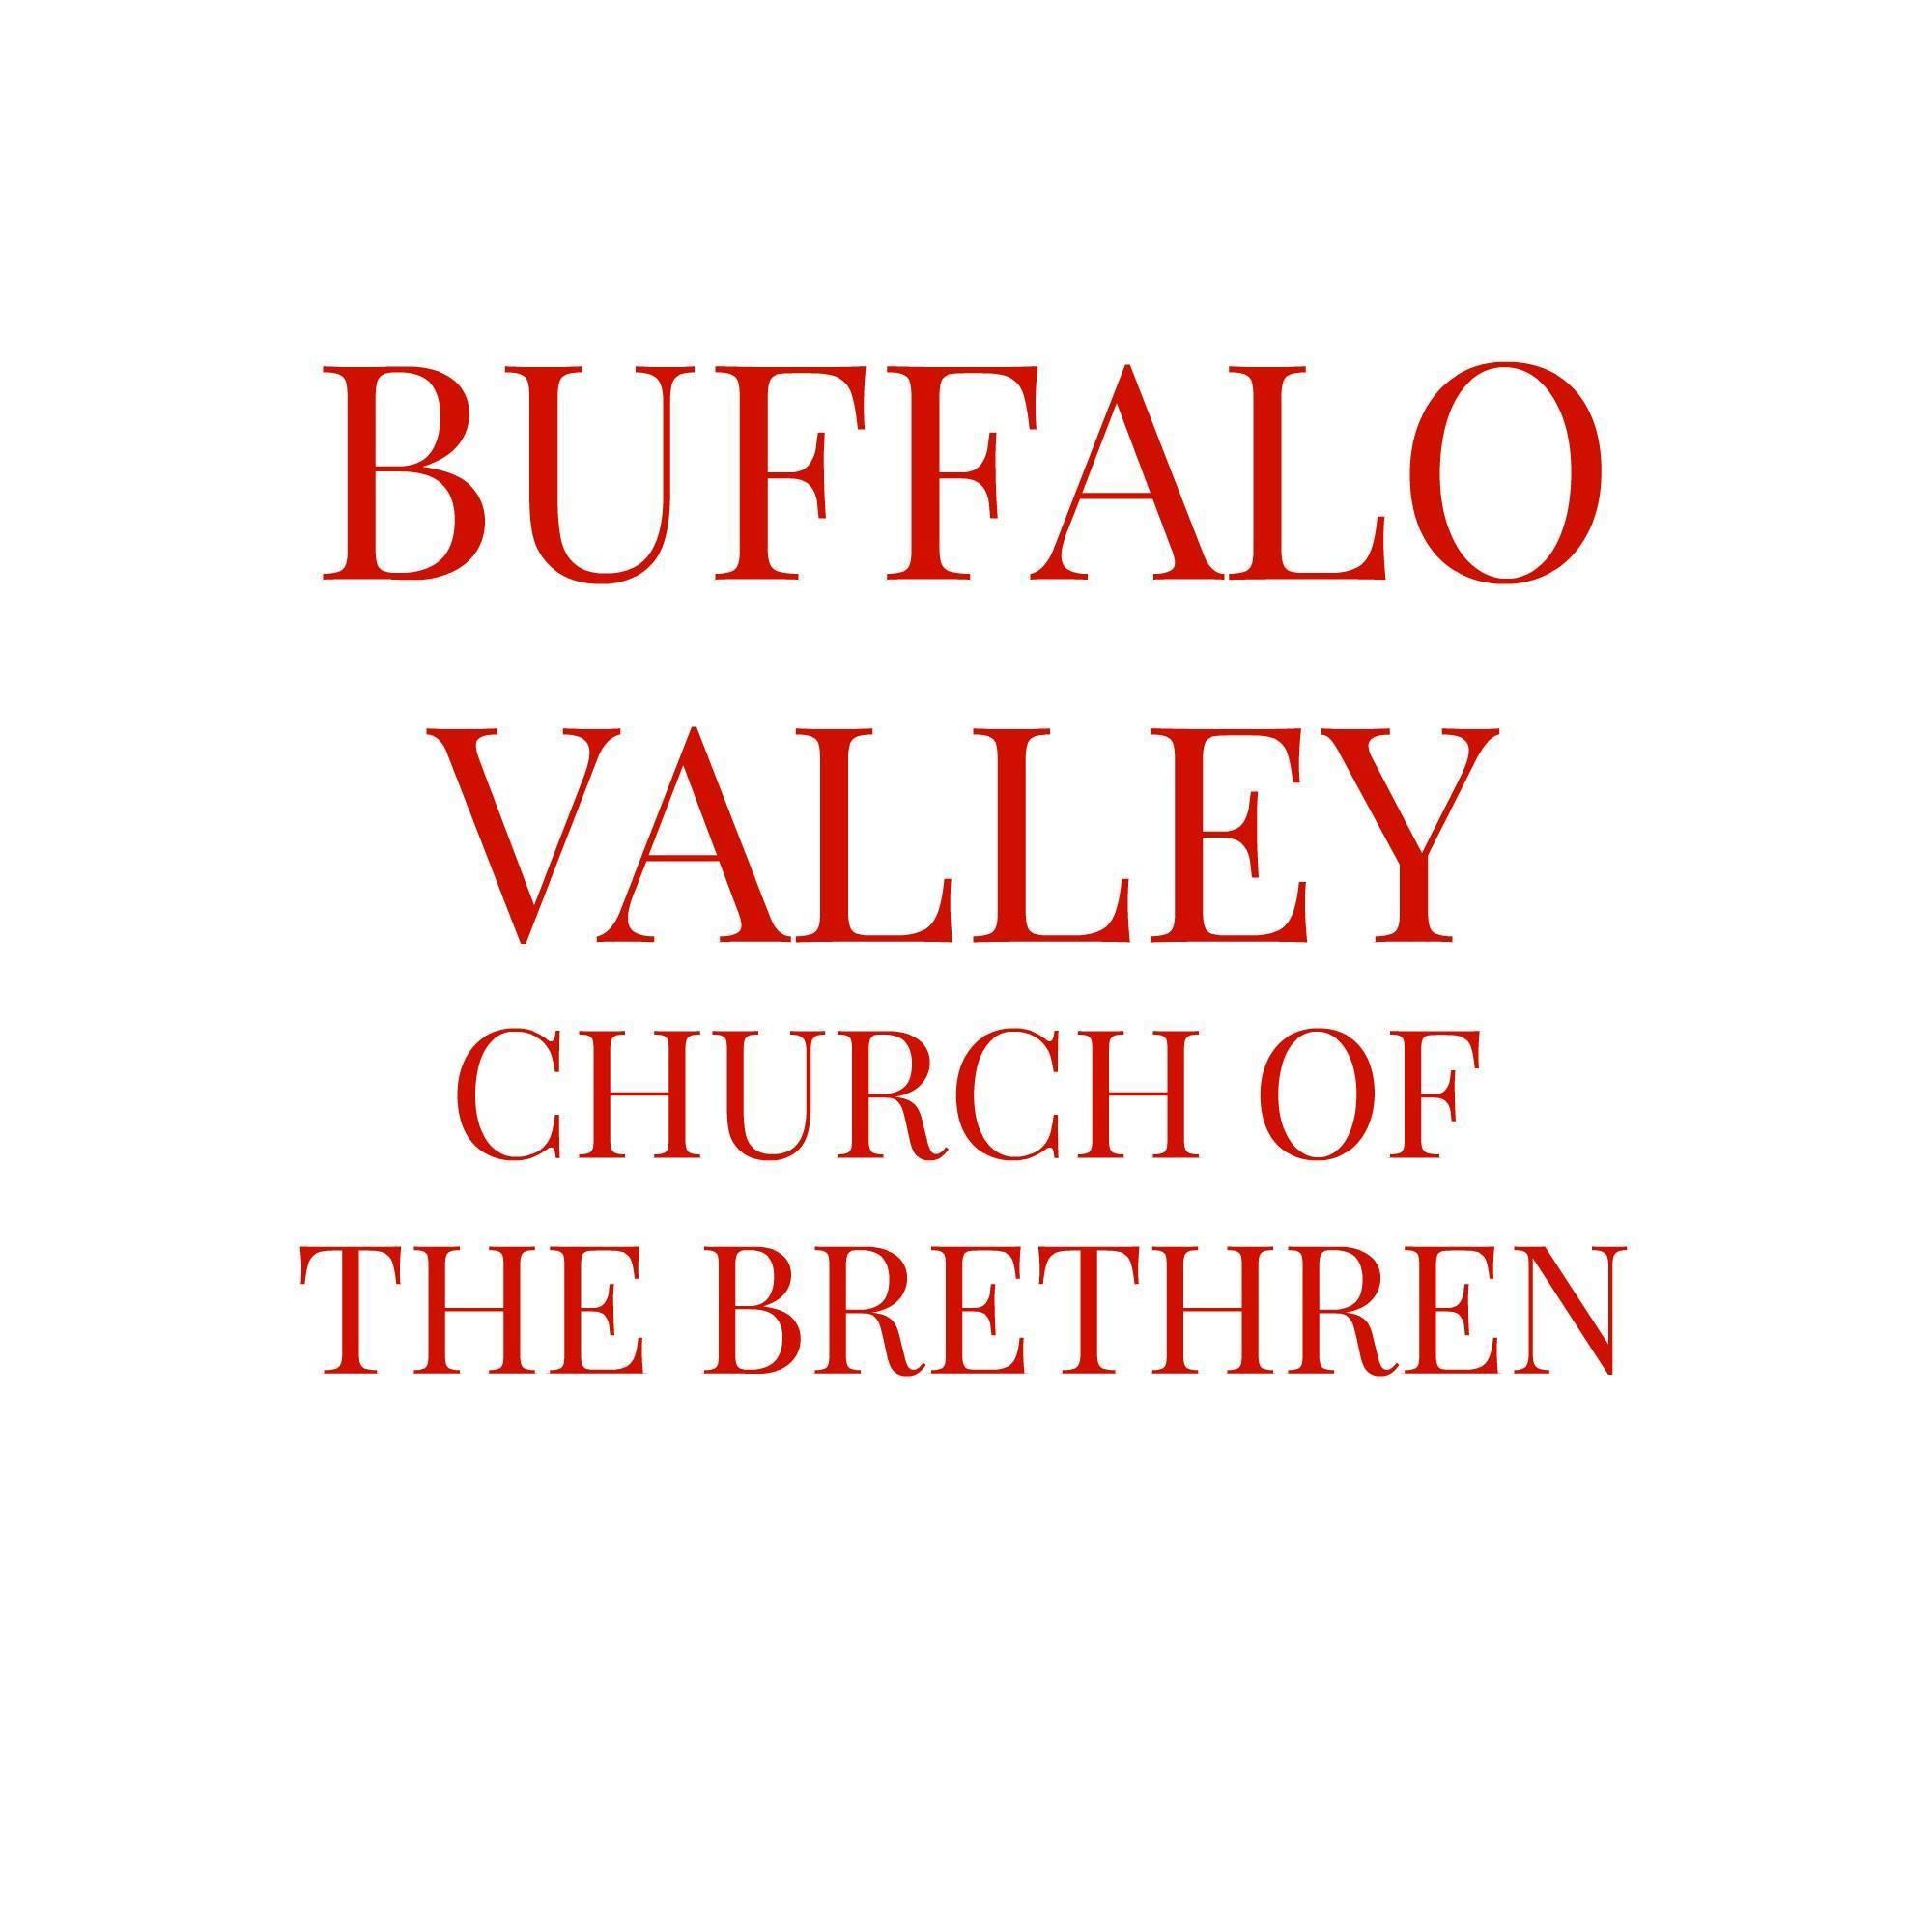 Buffalo Valley Church of the Brethren